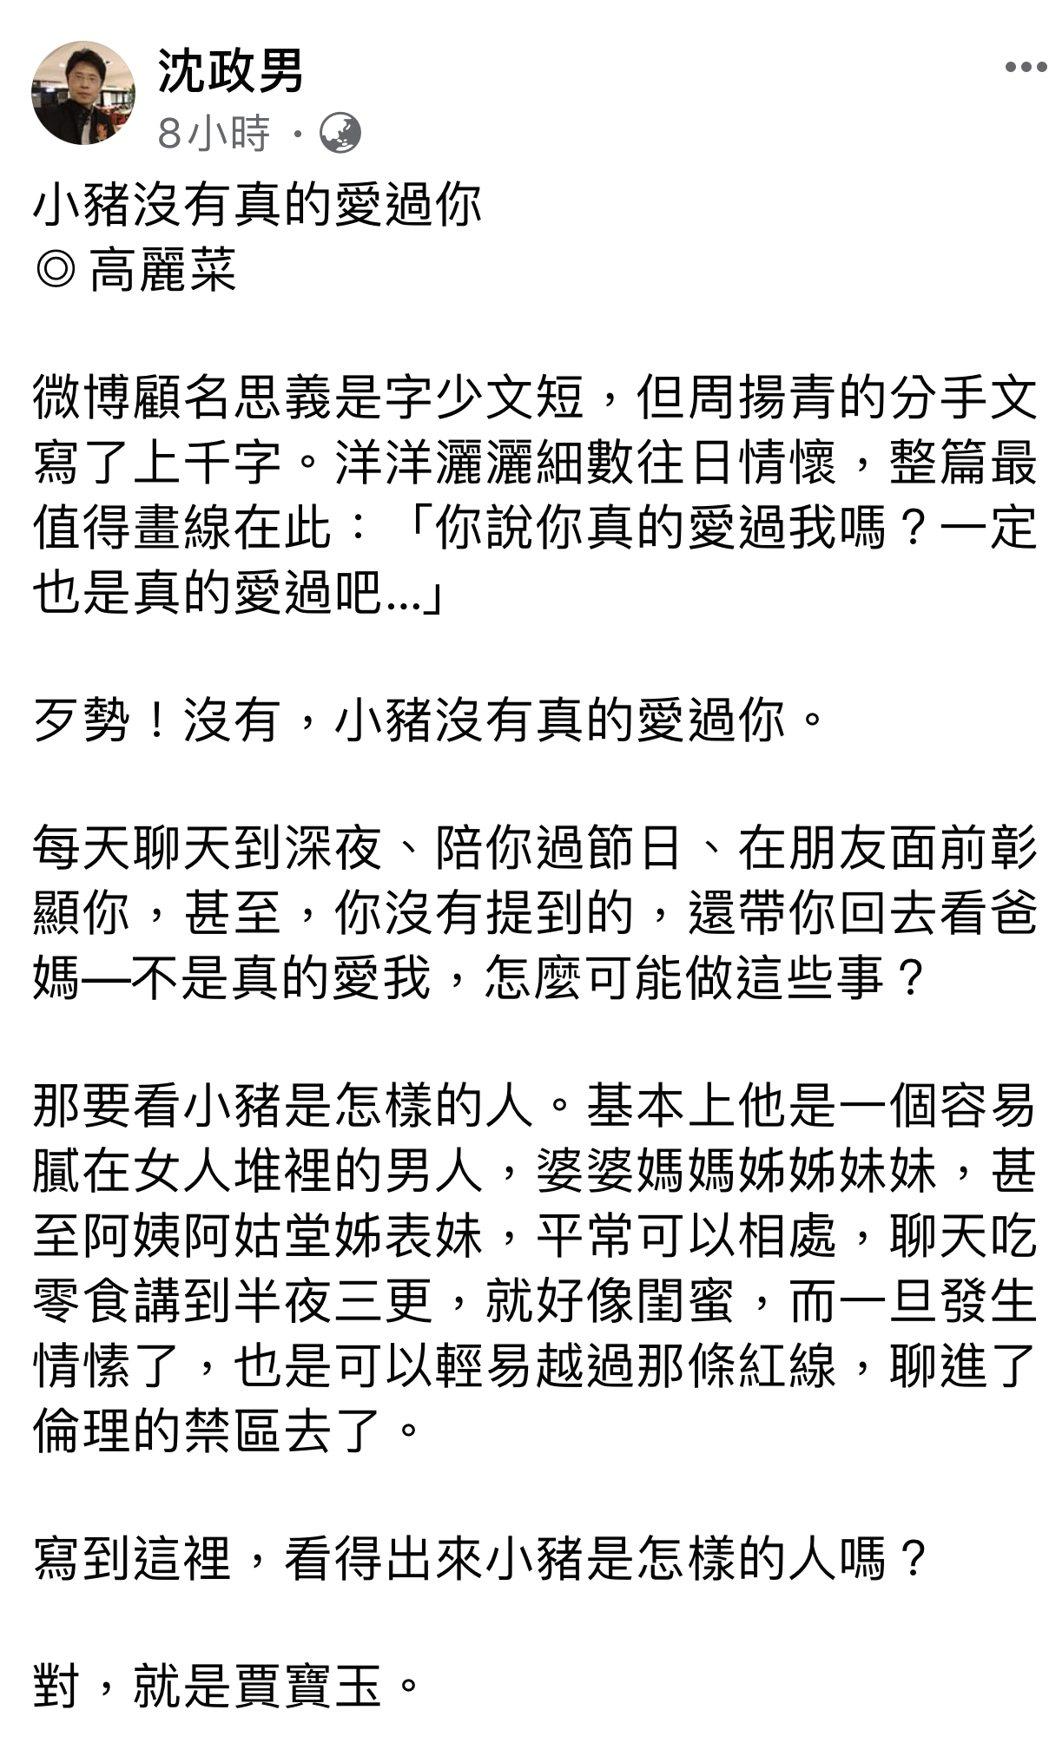 精神科醫師沈政男在臉書上分析羅志祥。圖/取自臉書